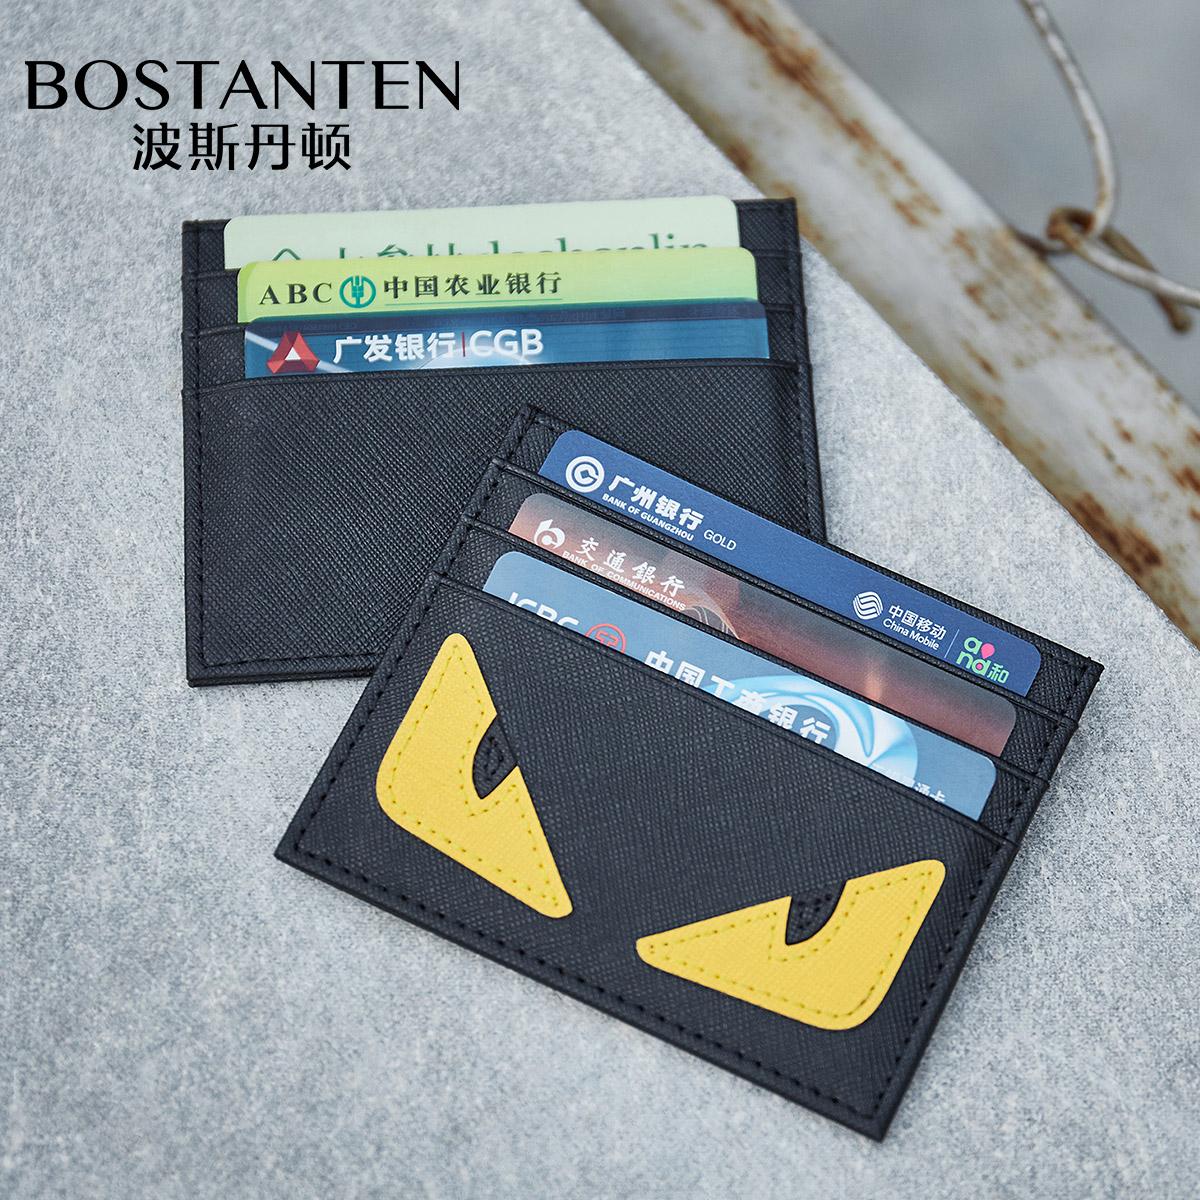 小怪兽男士牛皮卡包小巧超薄多卡位公交信用卡卡套女式韩国零钱包